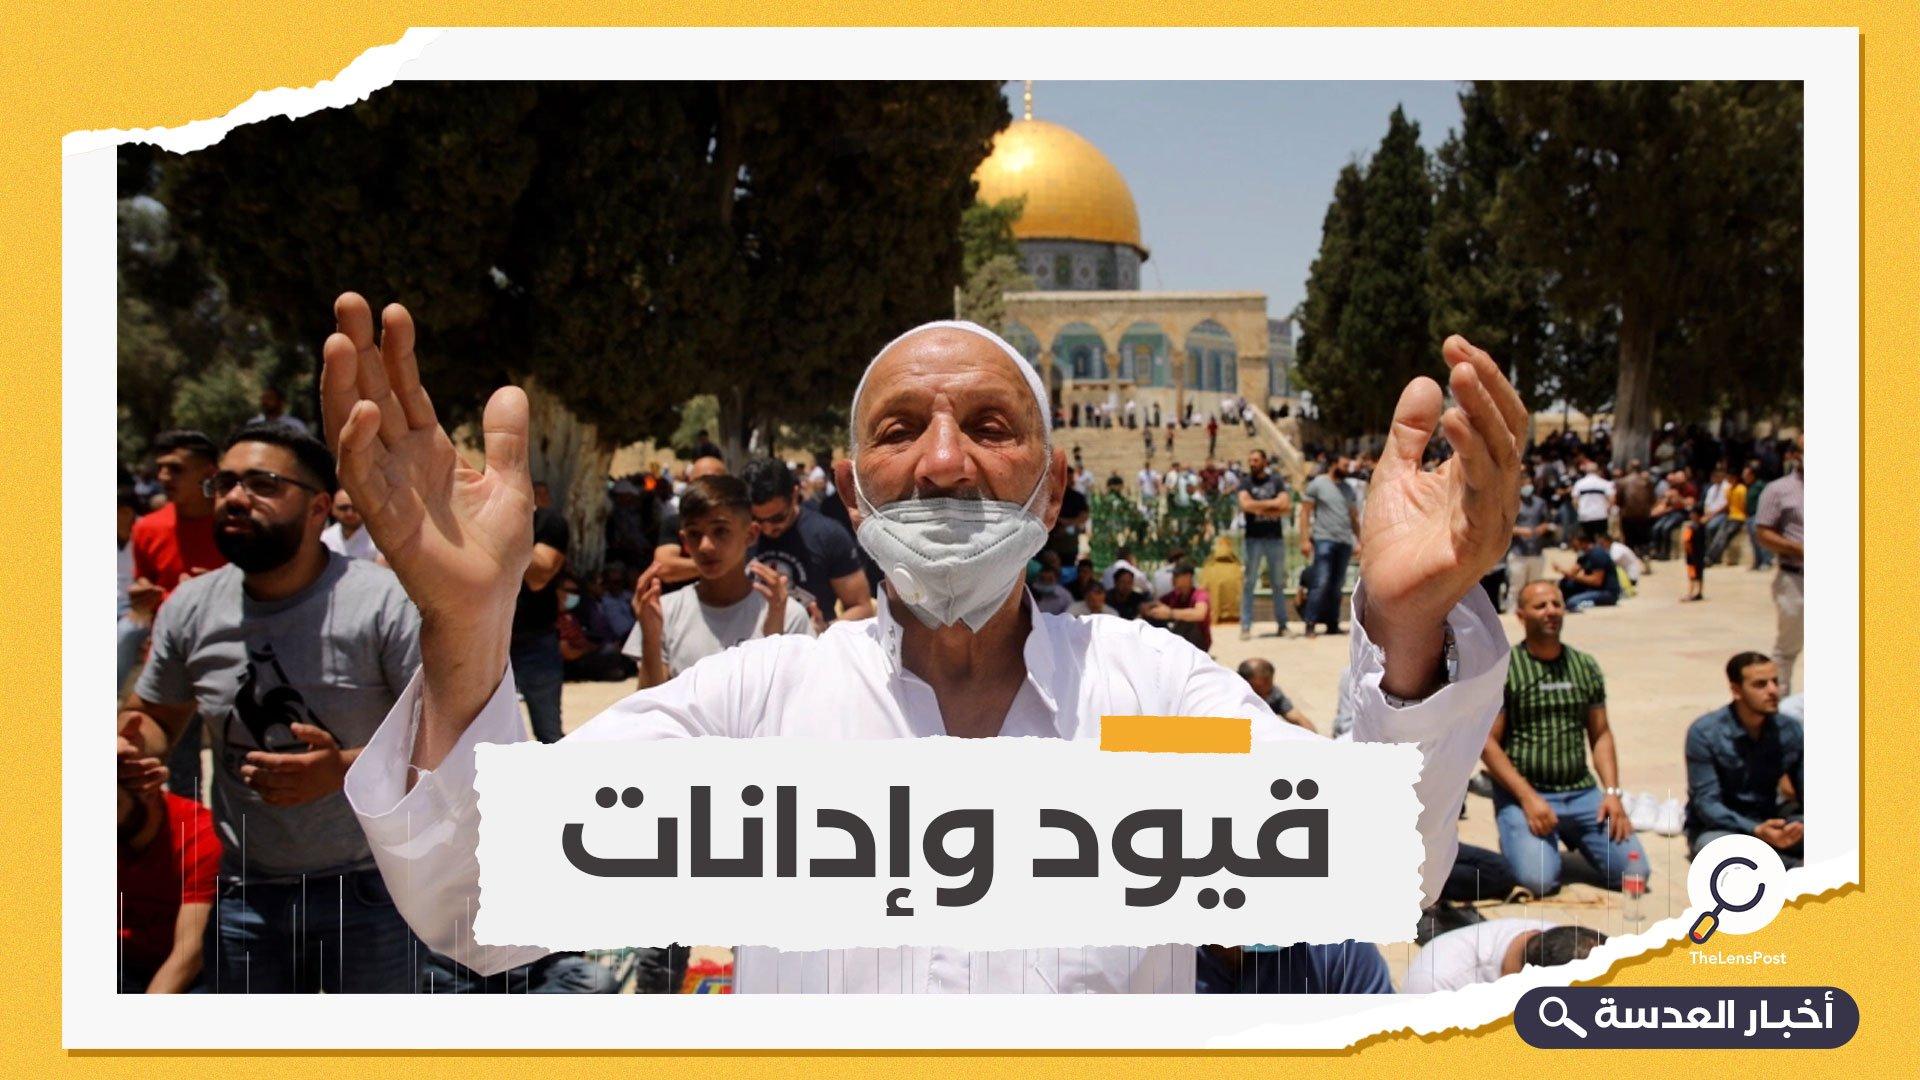 إسرائيل تسيس كورونا وتمنع آلاف الفلسطينيين من صلاة الجمعة بالأقصى